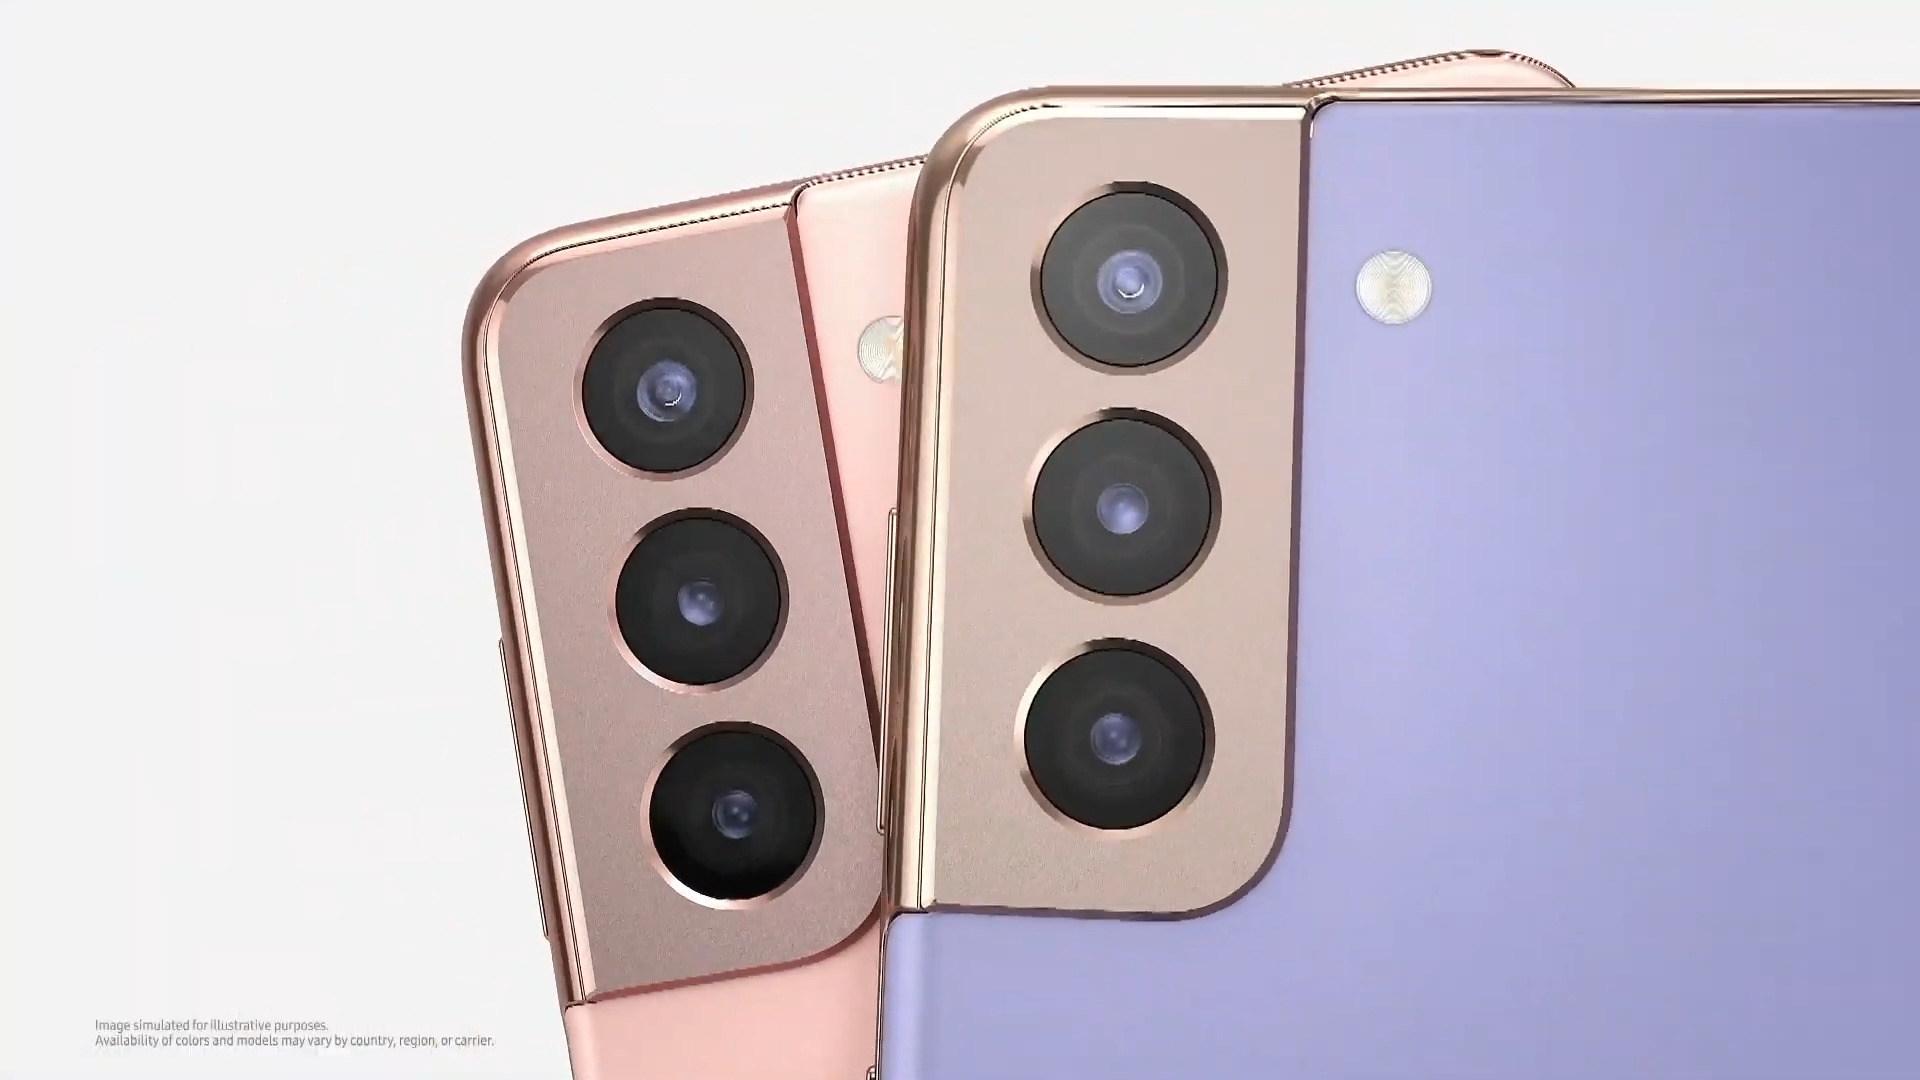 Samsung Galaxy S21 1610639133 0 0